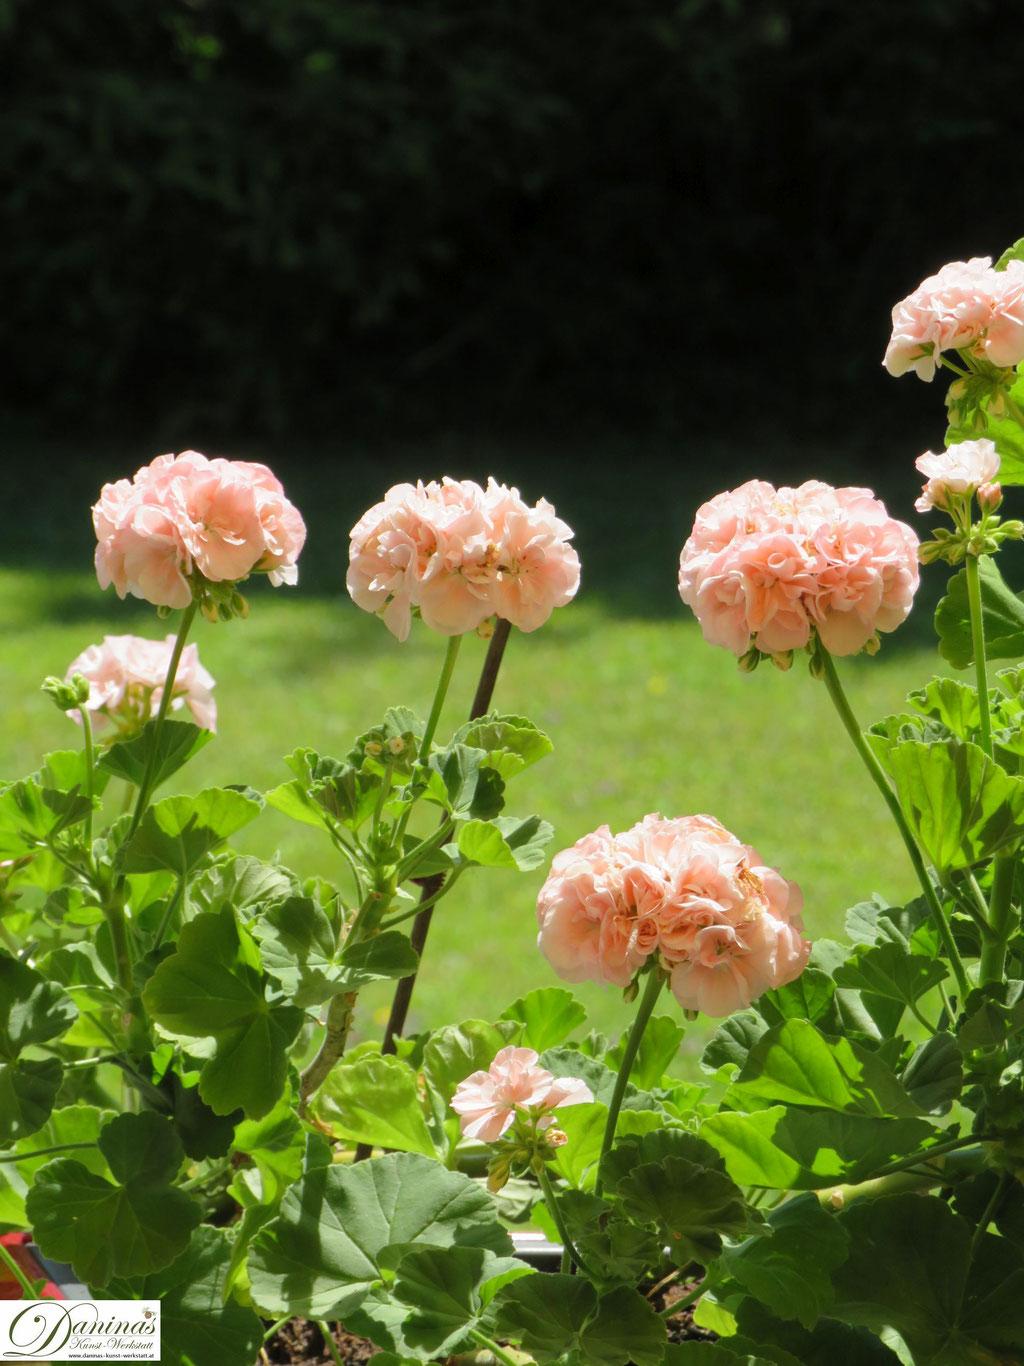 Belagonie - Garten Impressionen im Frühsommer by Daninas-Kunst-Werkstatt.at